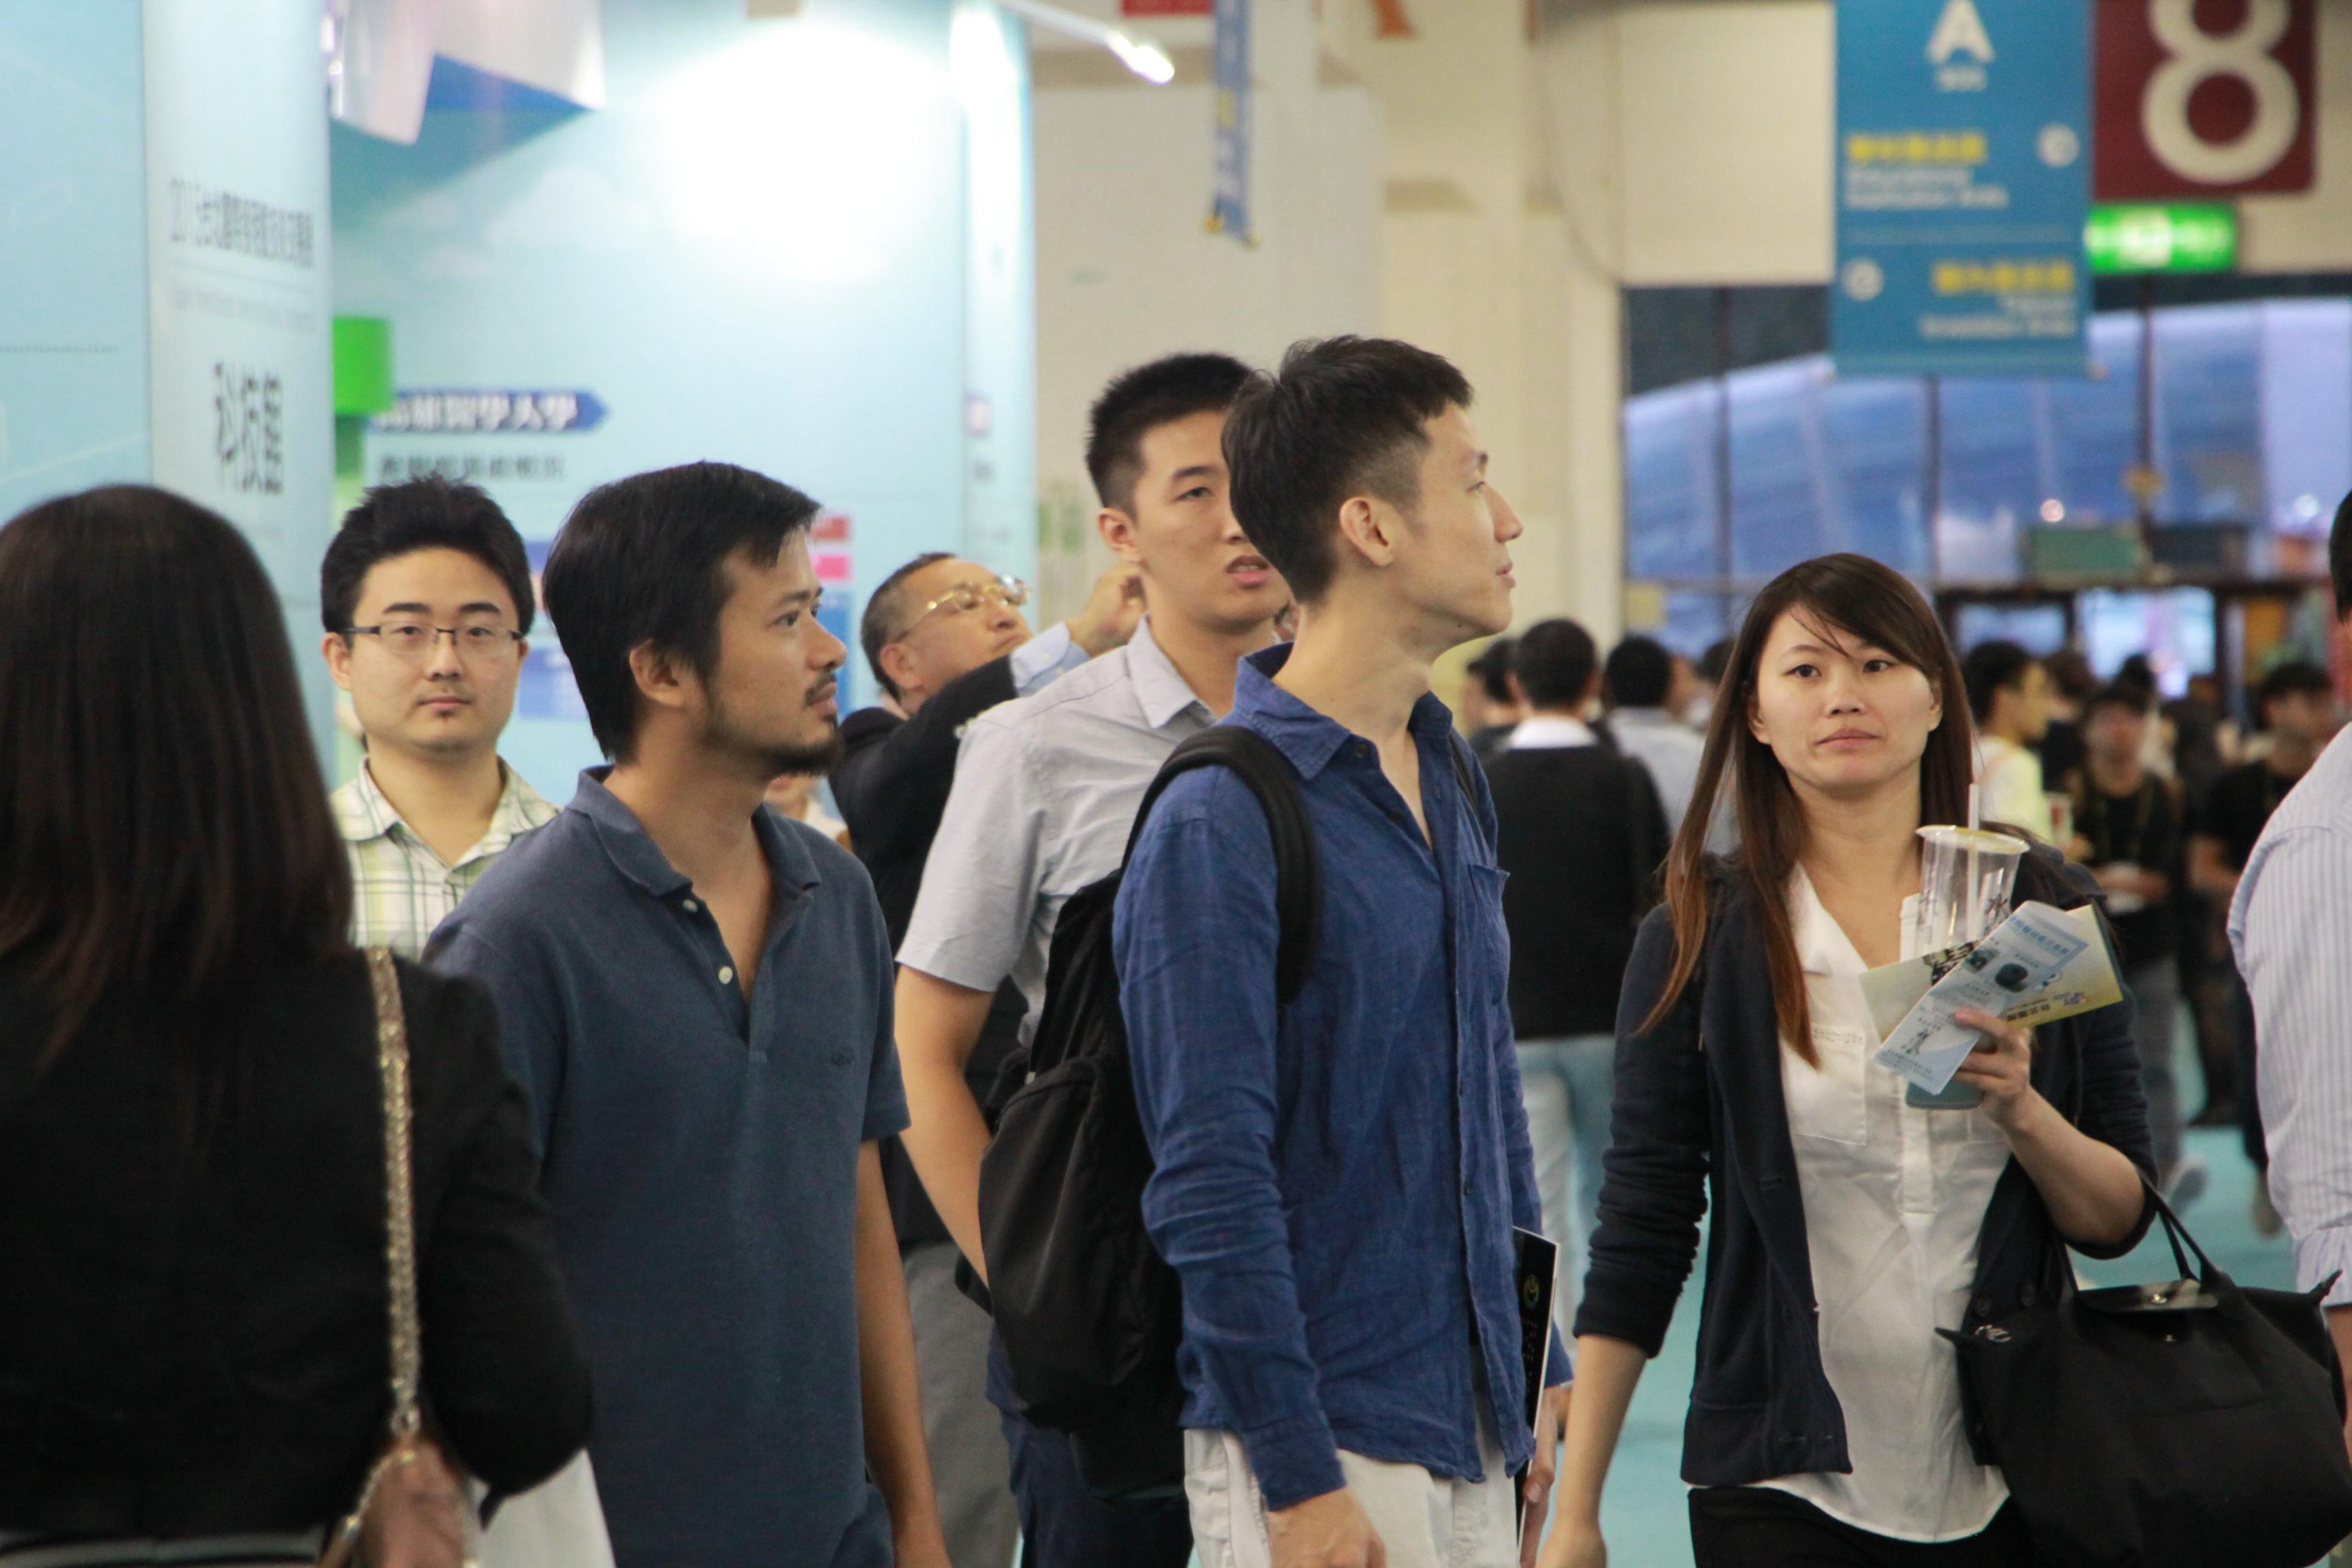 人潮眾多 民眾在展覽中找尋有興趣的發明專利 (圖/黃婕攝)